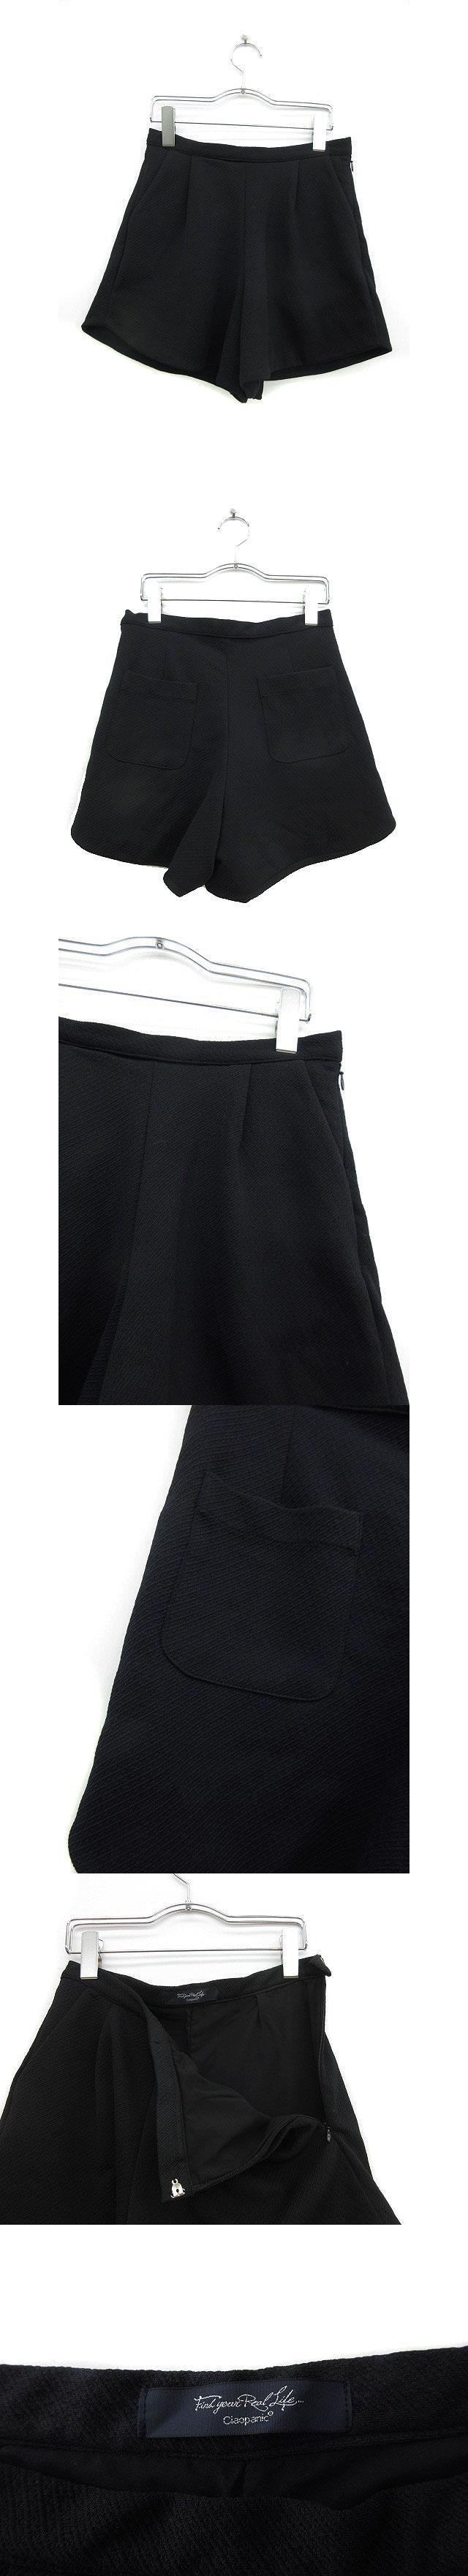 Find your Real Life キュロット スカート パンツ ショート タック S 黒 ブラック /☆y1219